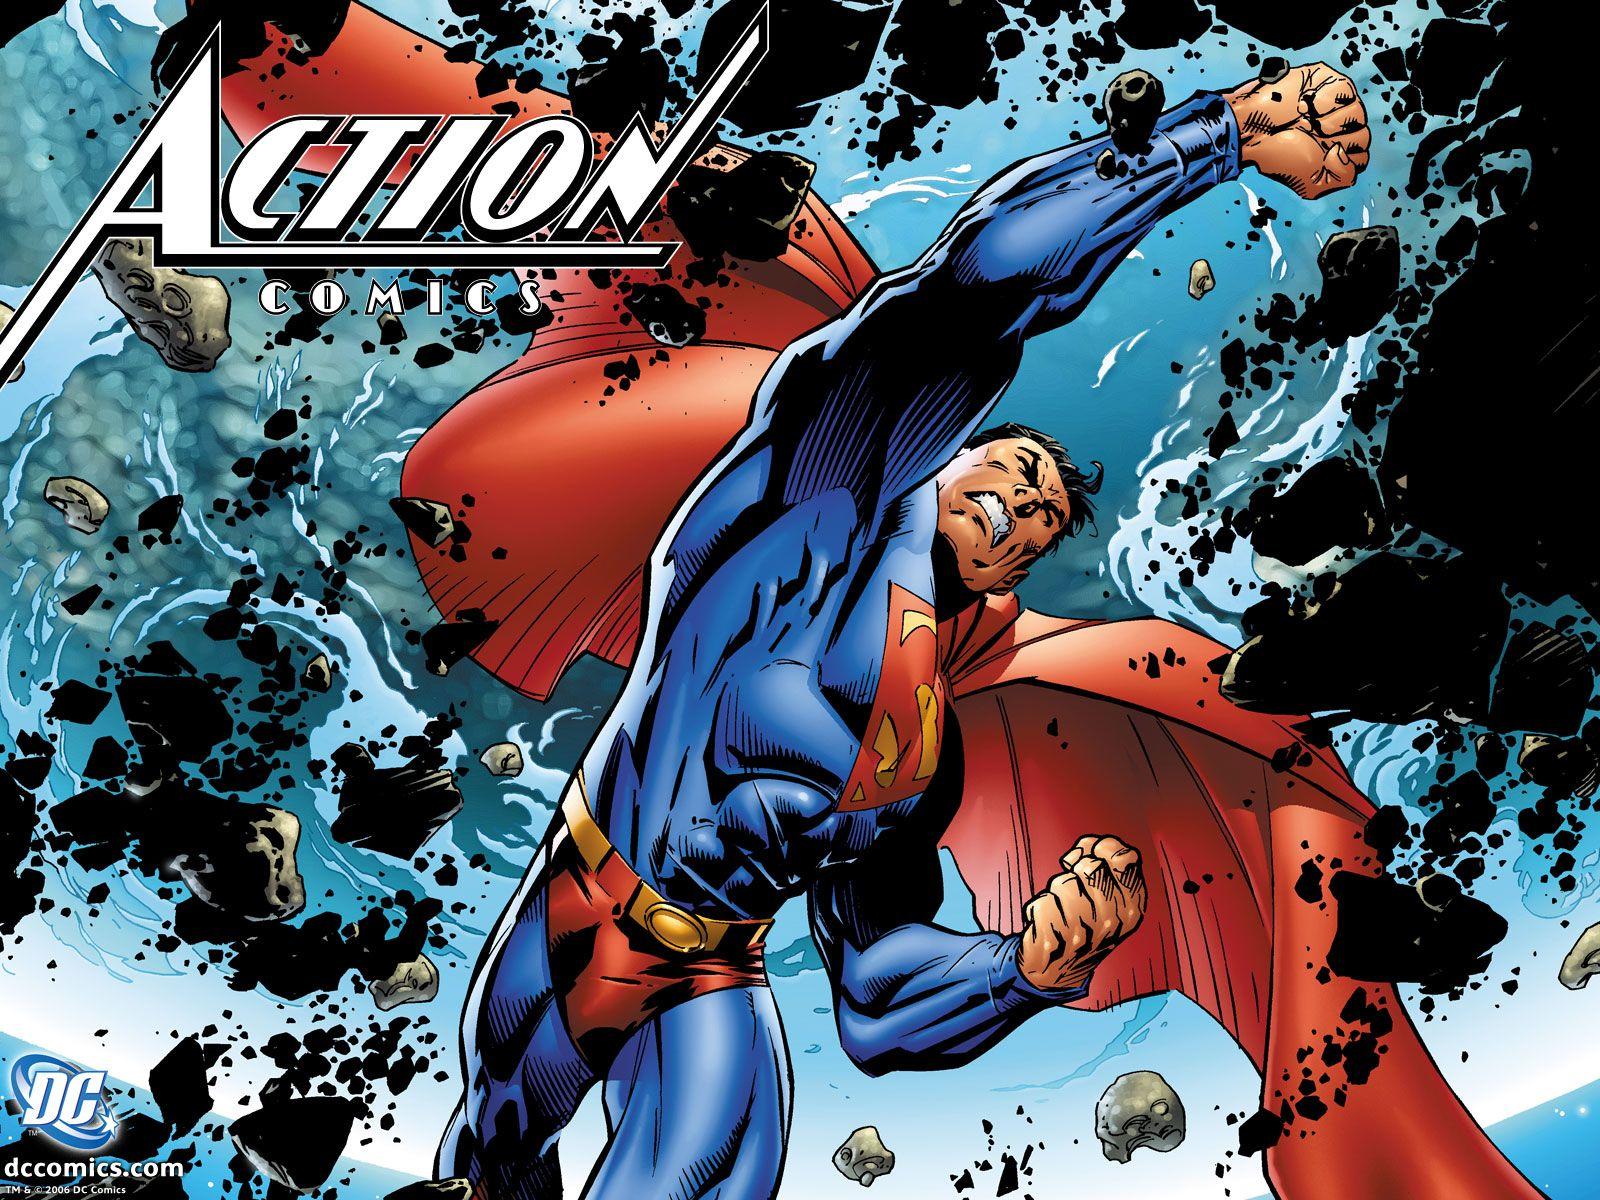 Image de superman a imprimer - Fonds d'écran HD